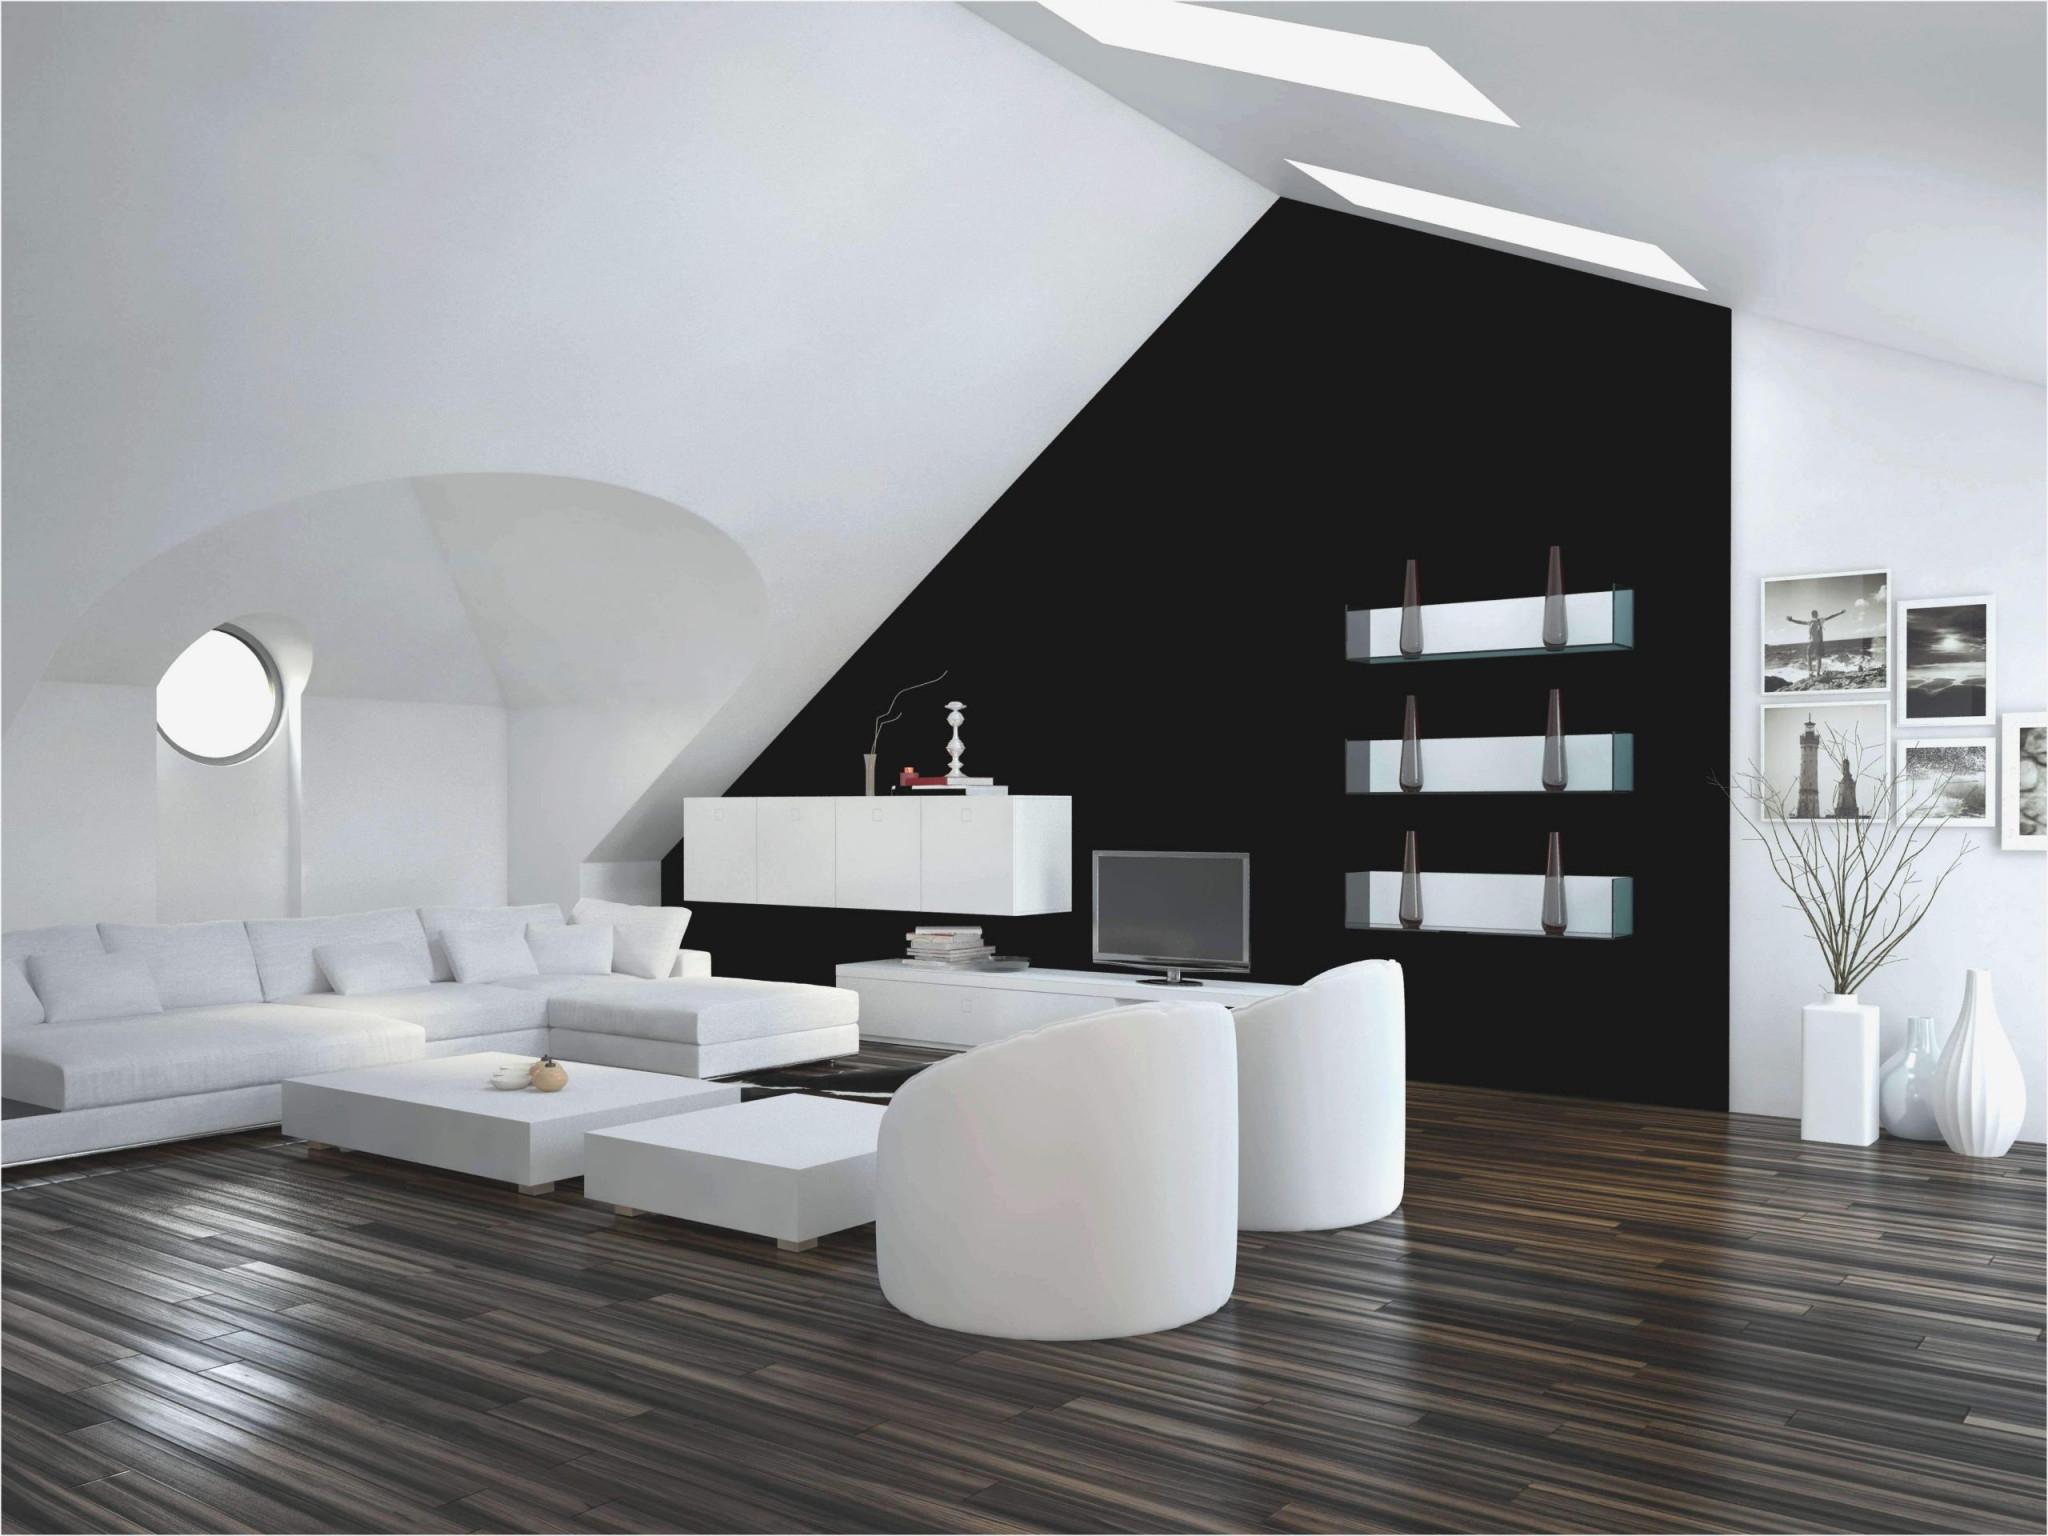 Deko Accessoires Wohnzimmer  Wohnzimmer  Traumhaus von Accessoires Wohnzimmer Ideen Photo